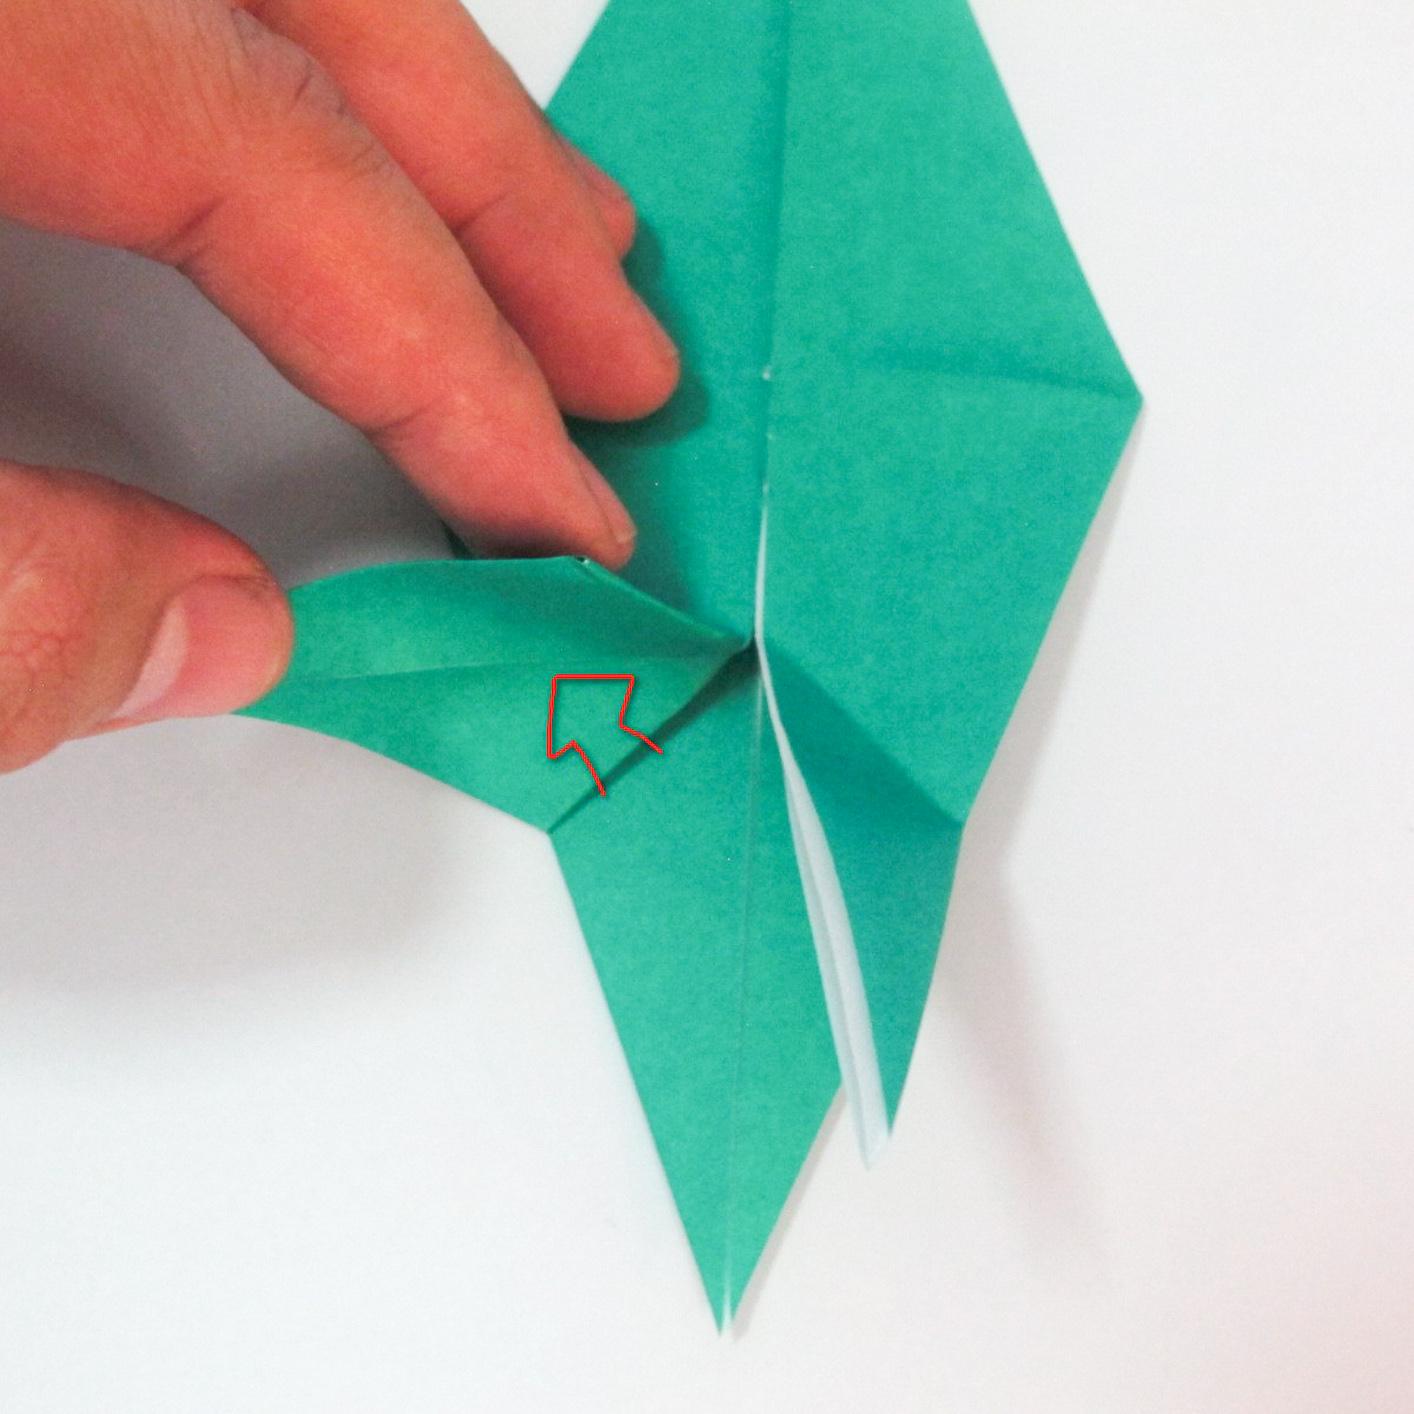 สอนวิธีการพับกระดาษเป็นรูปปลาฉลาม (Origami Shark) 025